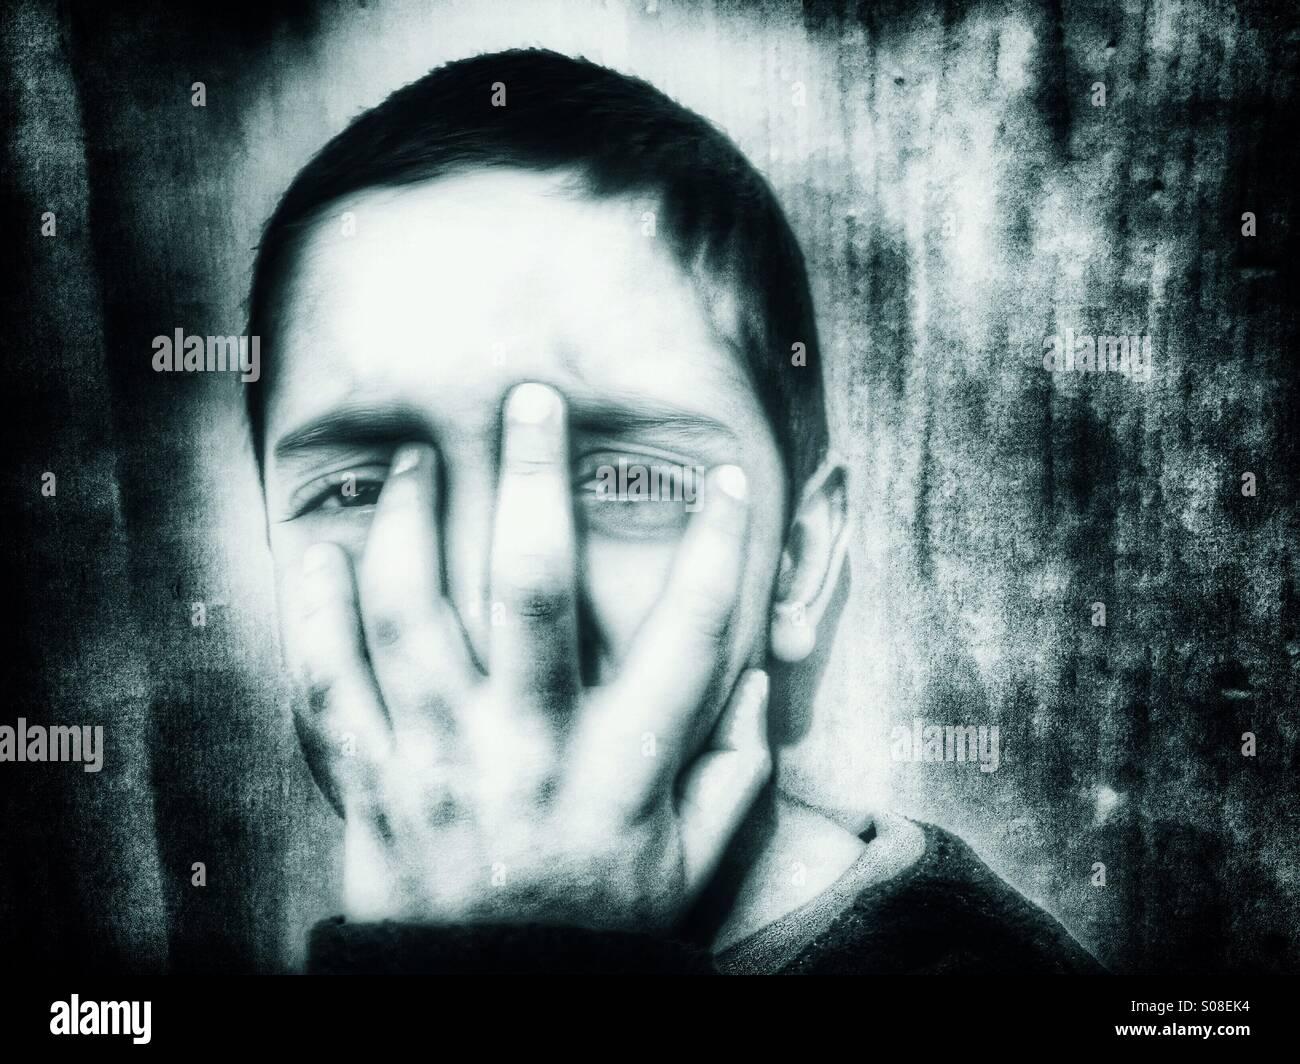 Asustado muchacho ocultando cara Imagen De Stock